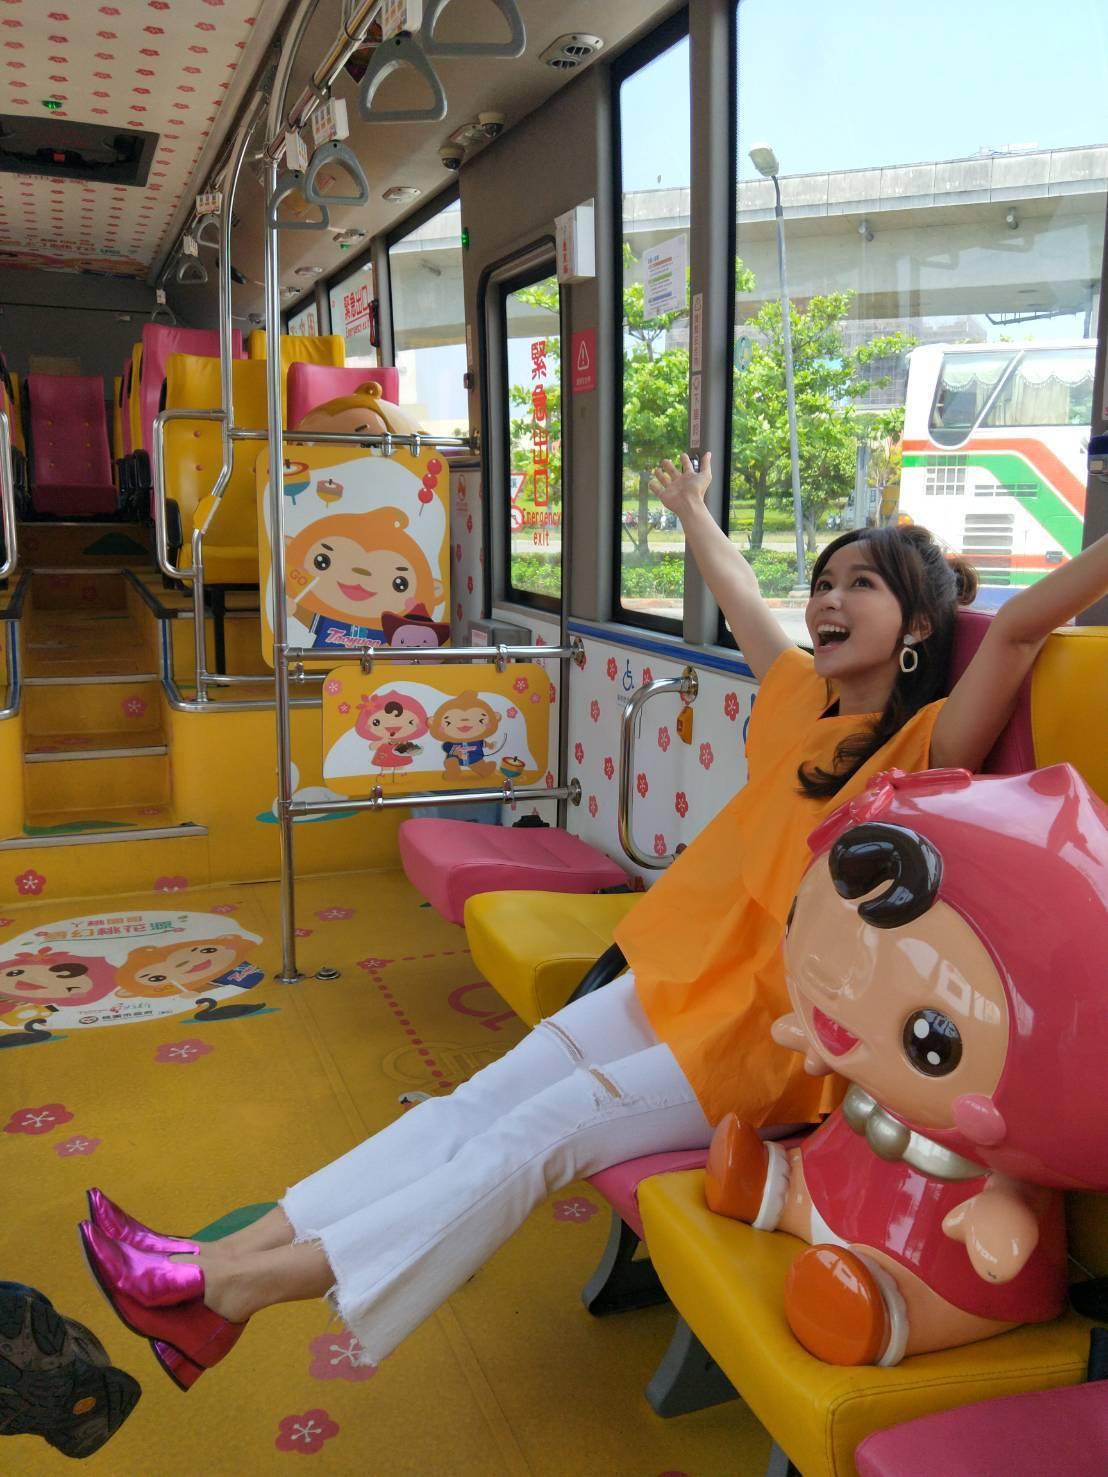 台灣好行大溪快線客運車大幅提升觀光價值。圖/桃園市觀旅局提供